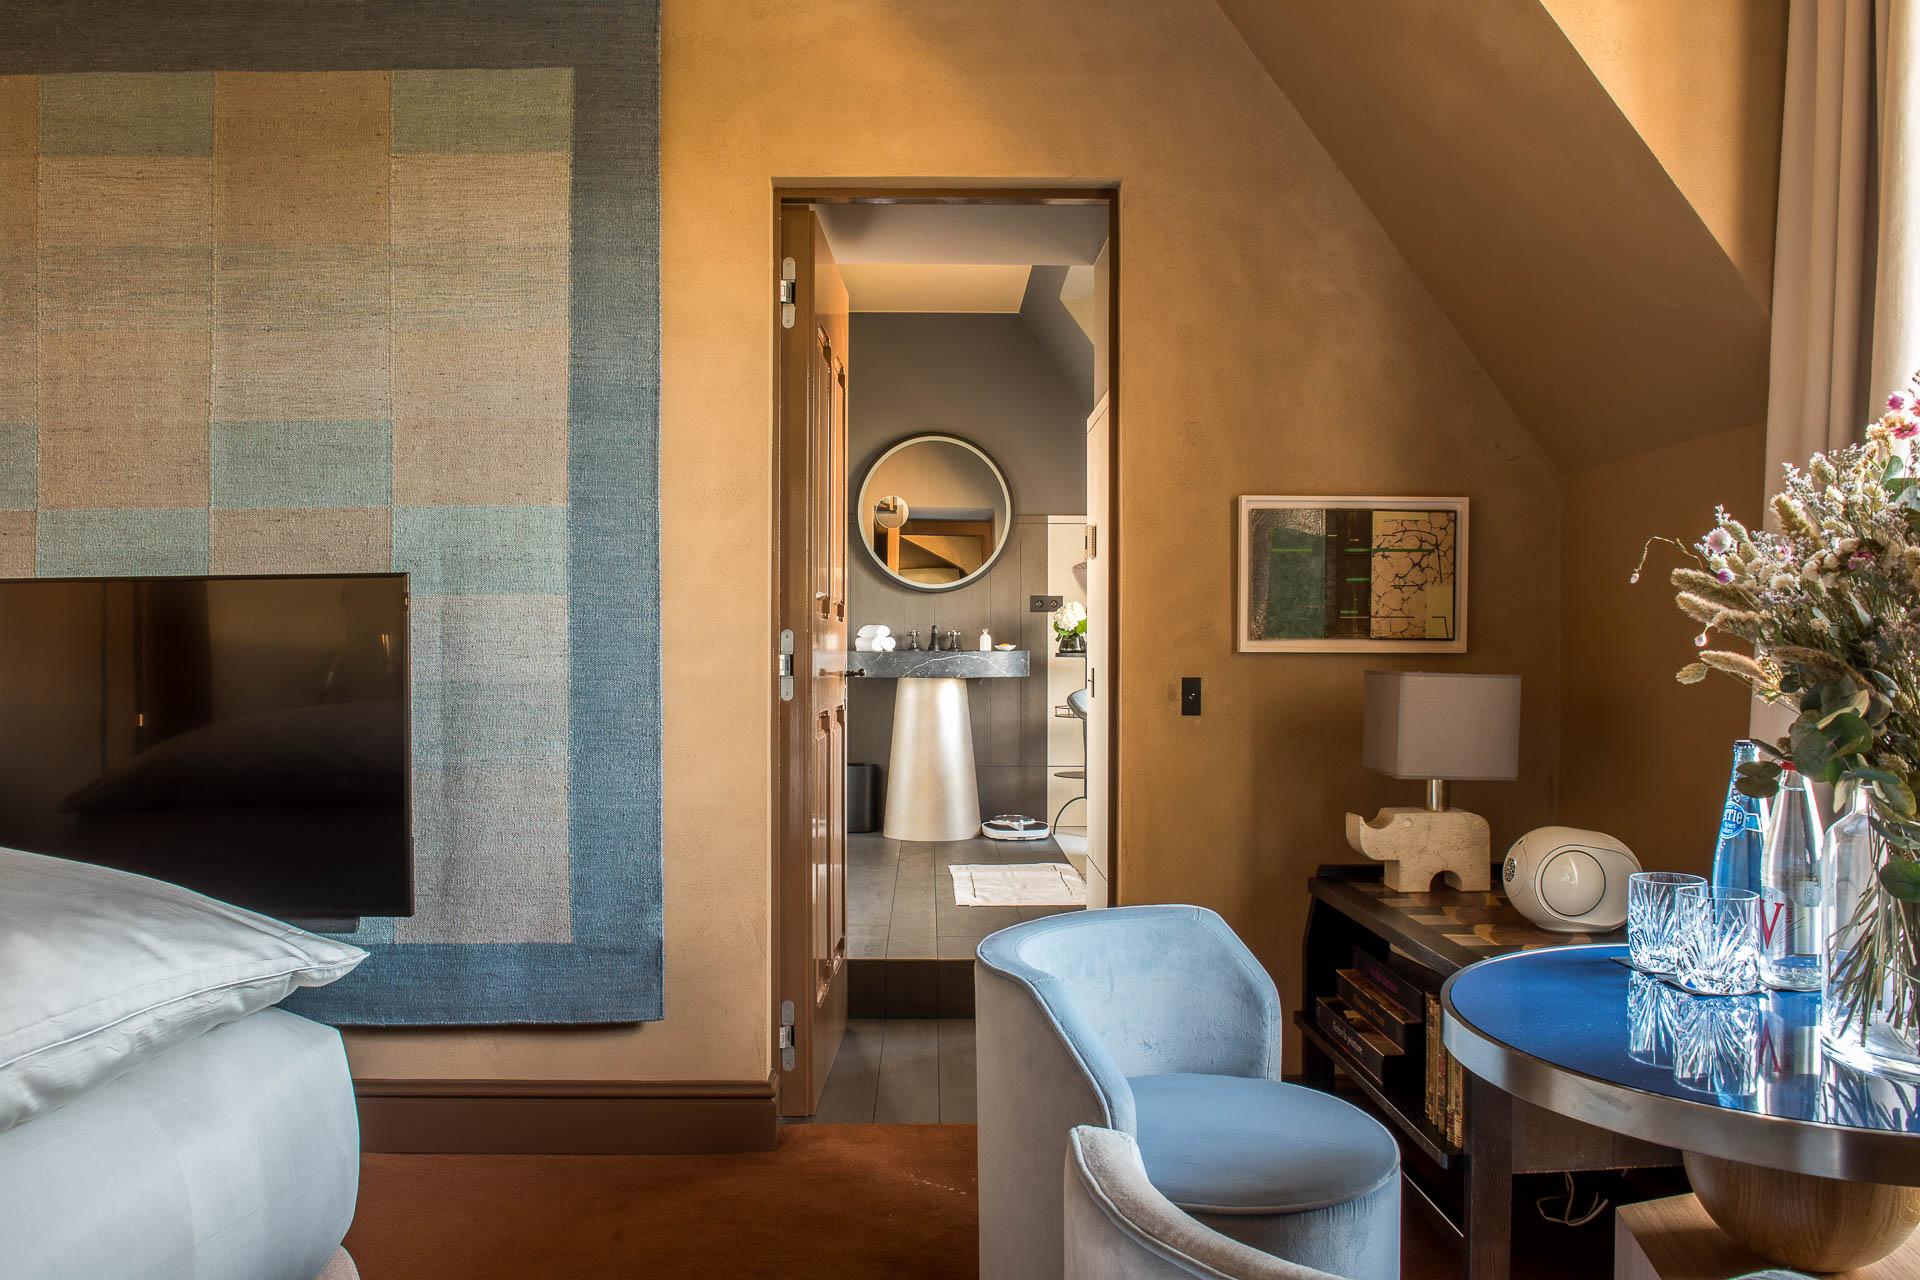 Au 3ème étage, 4 chambres, moins spacieuses mais tout aussi élégantes ont été aménagées